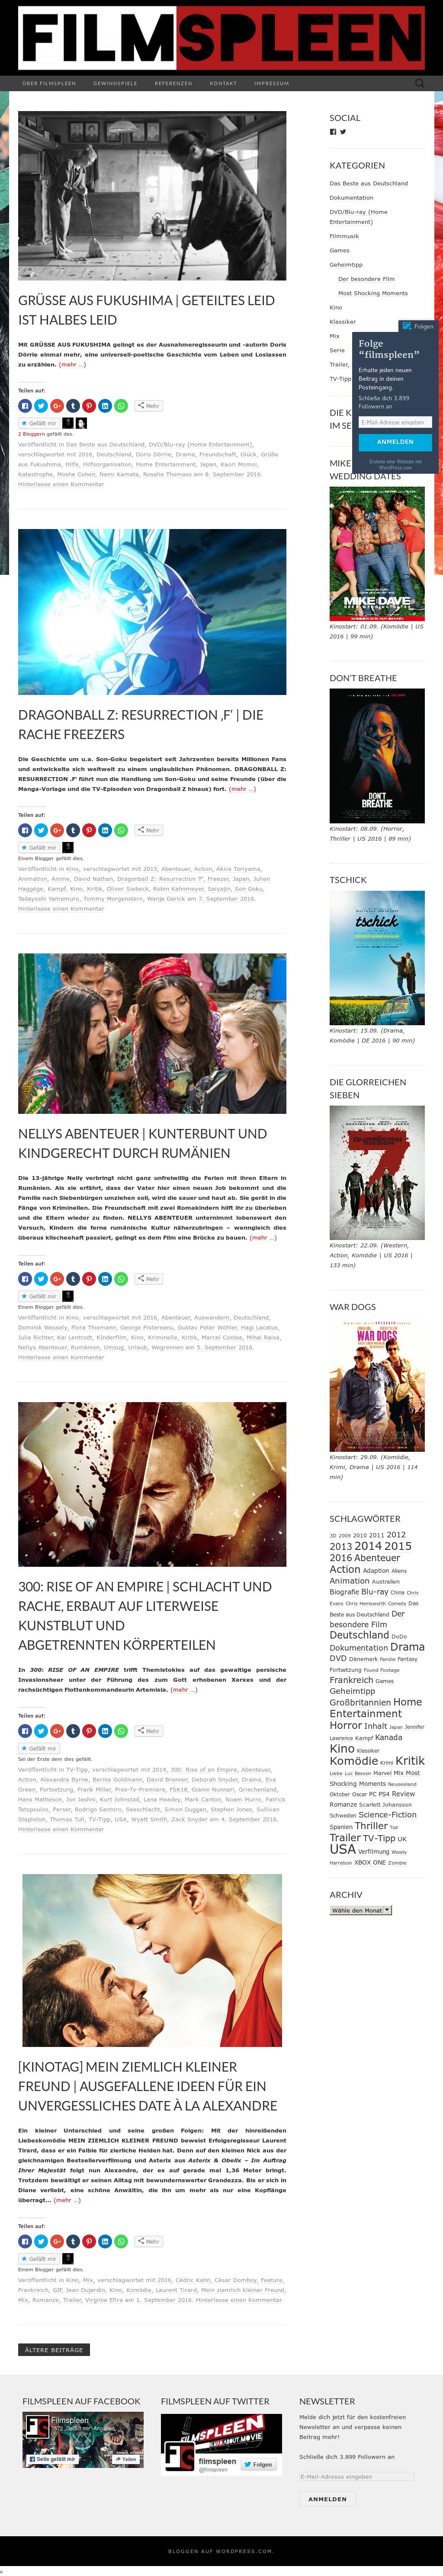 dating urlaub Deutschland liste over topp dating nettsted i verden